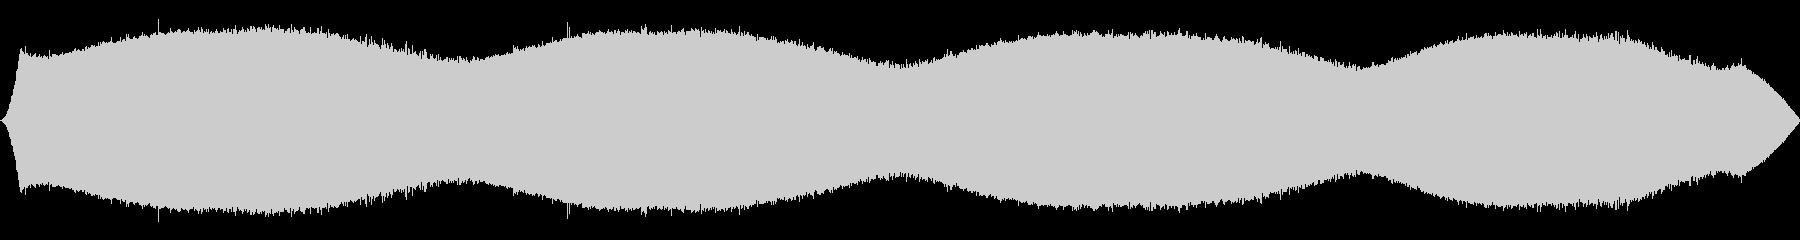 冷凍庫:コンプレッサー:ランニング...の未再生の波形